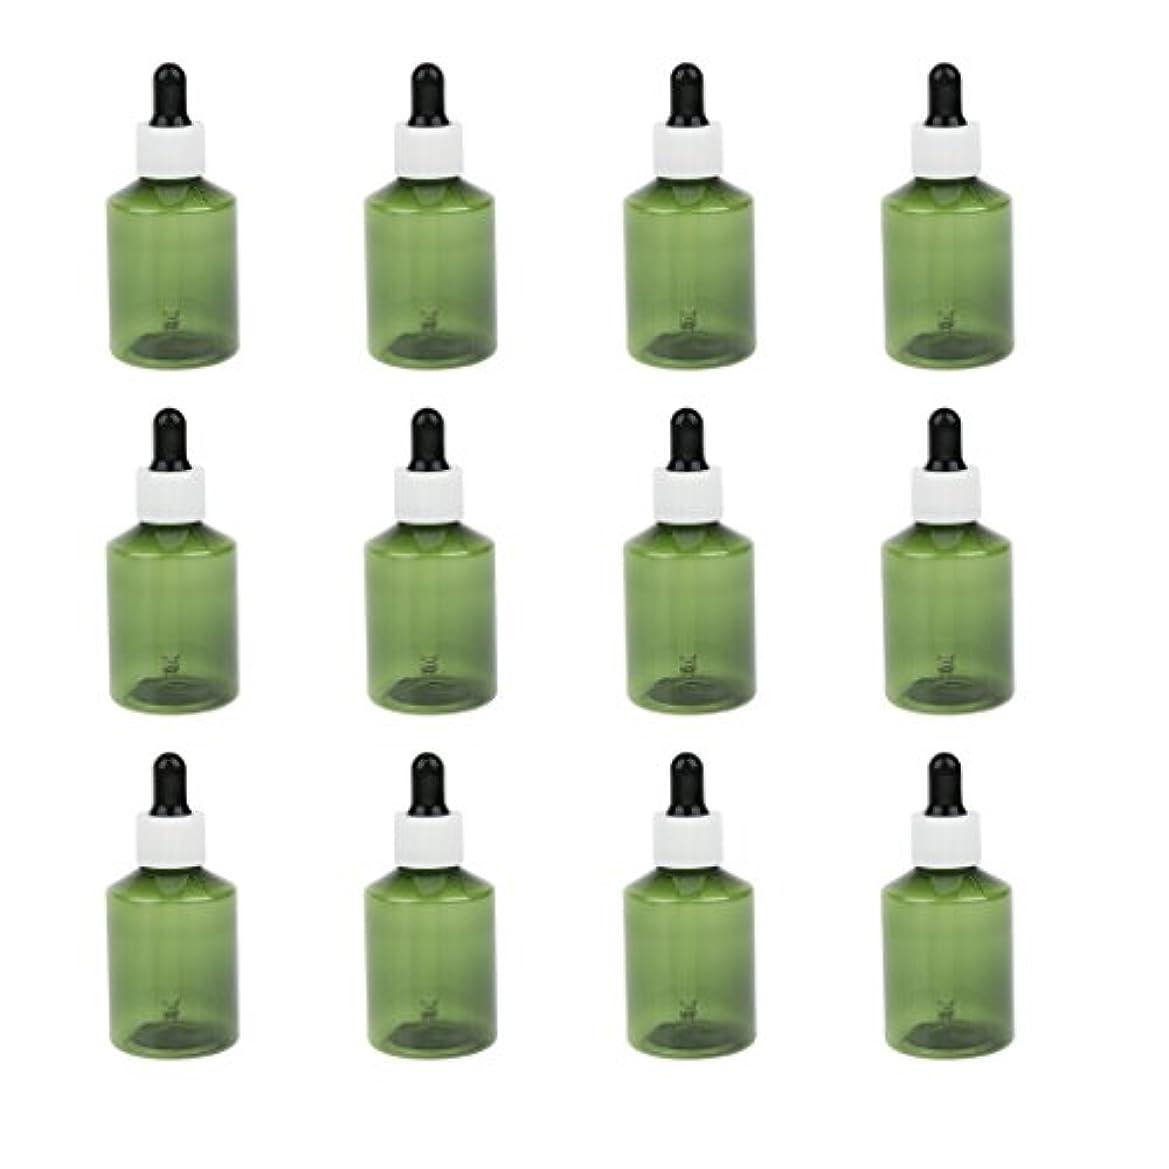 ビルダー比類なき物語Hellery ドロッパーボトル 詰め替え式 点滴びん 50ml エッセンシャルオイル 精油 6仕様選べ